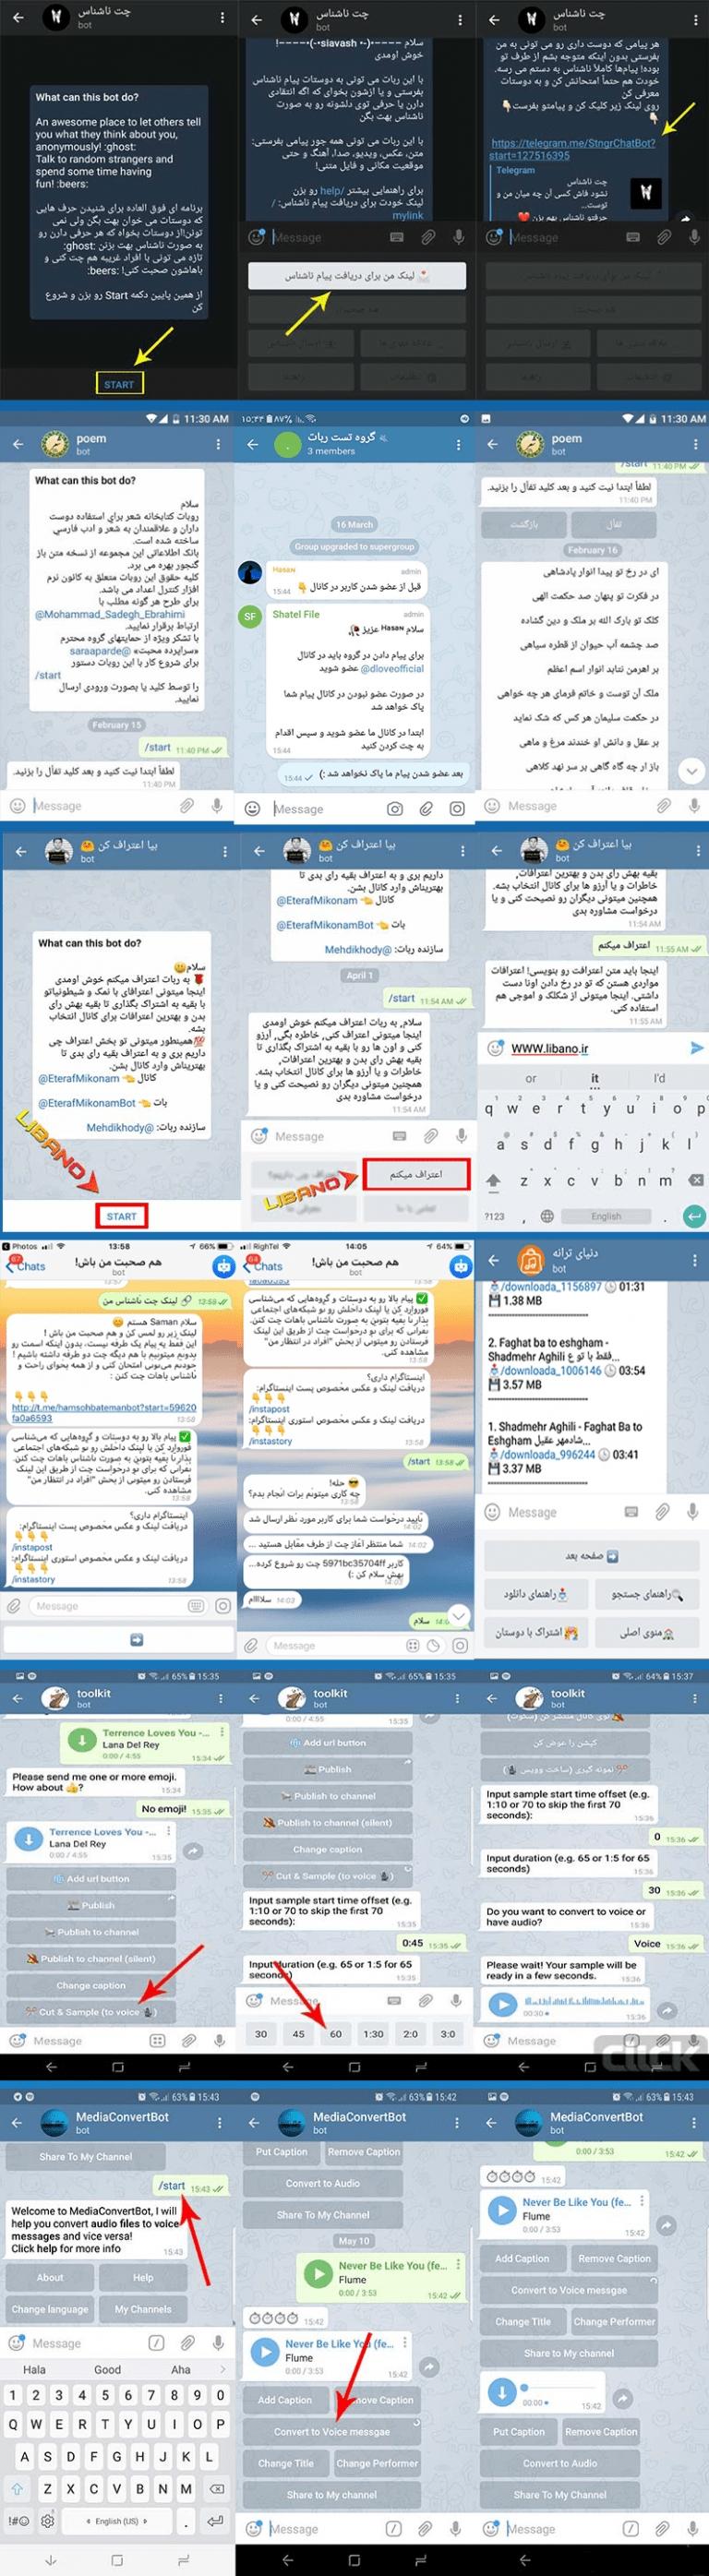 سورس ربات های کاربردی تلگرام